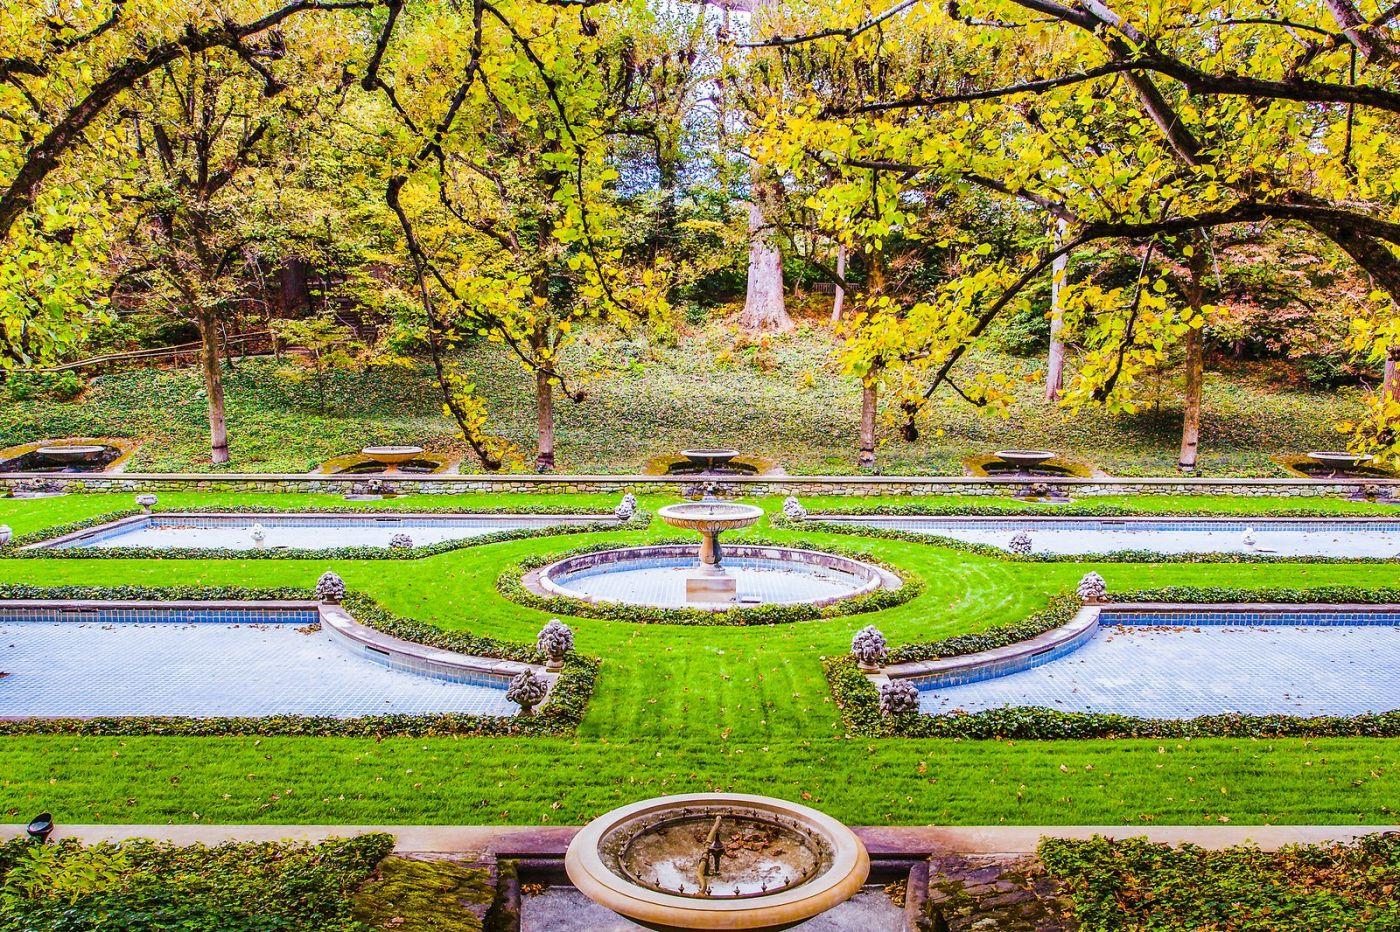 宾州长木公园,熟悉的景色_图1-4